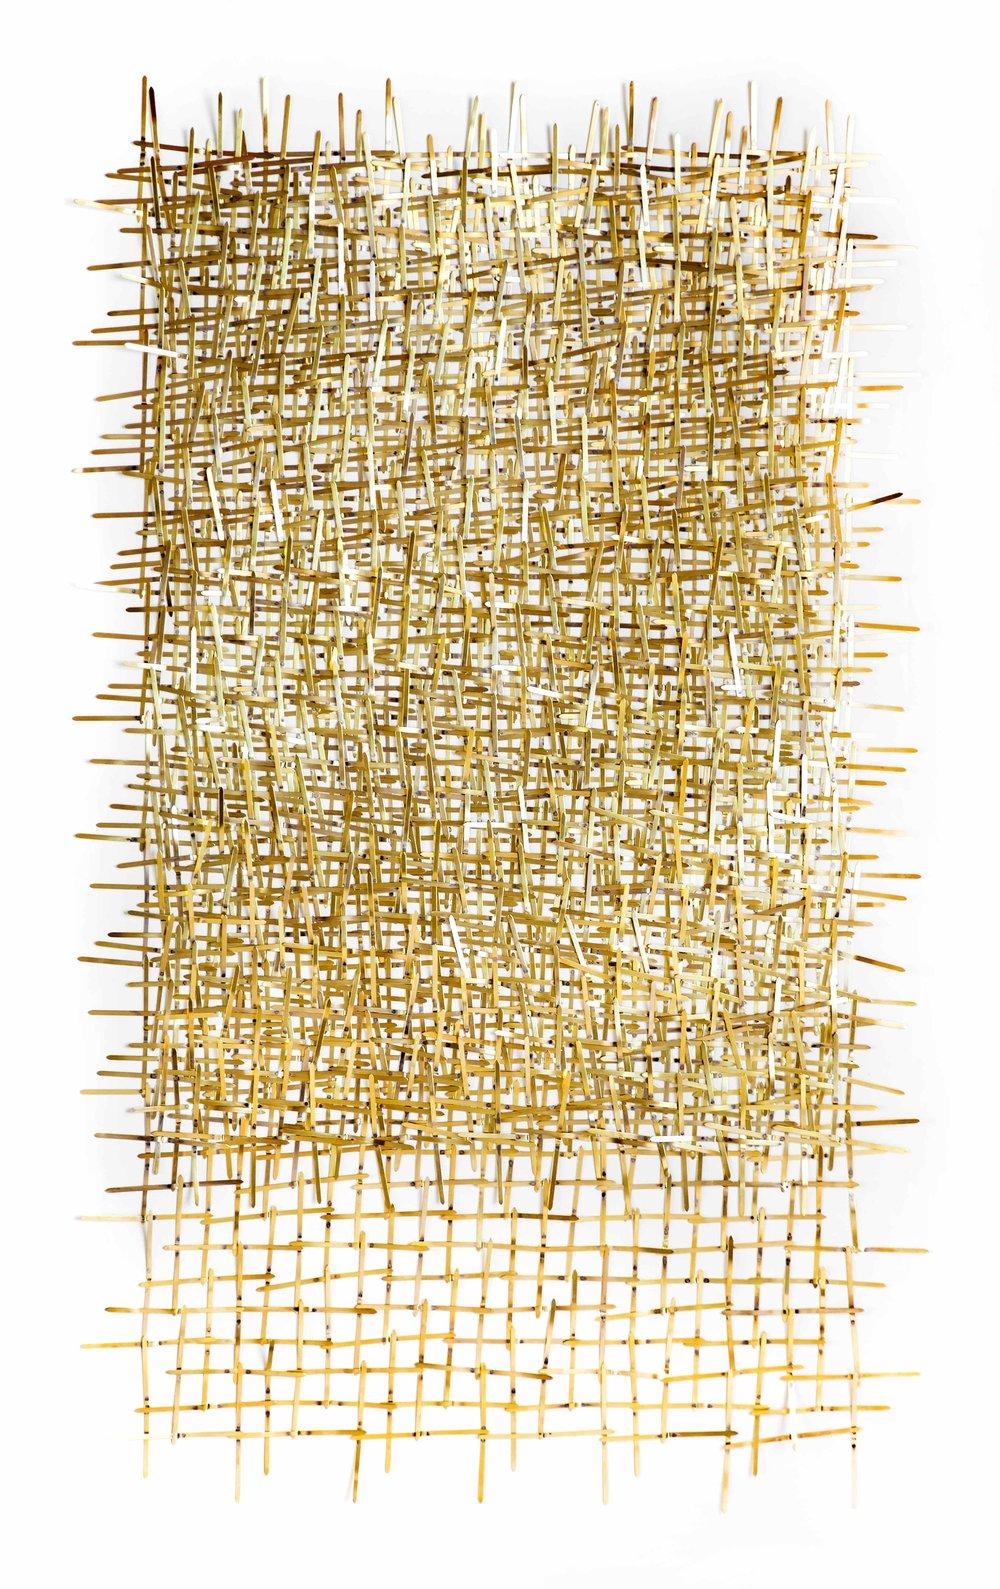 Invasion - Papier et laiton76 x 112 cm2018Pièce unique(SOLD)